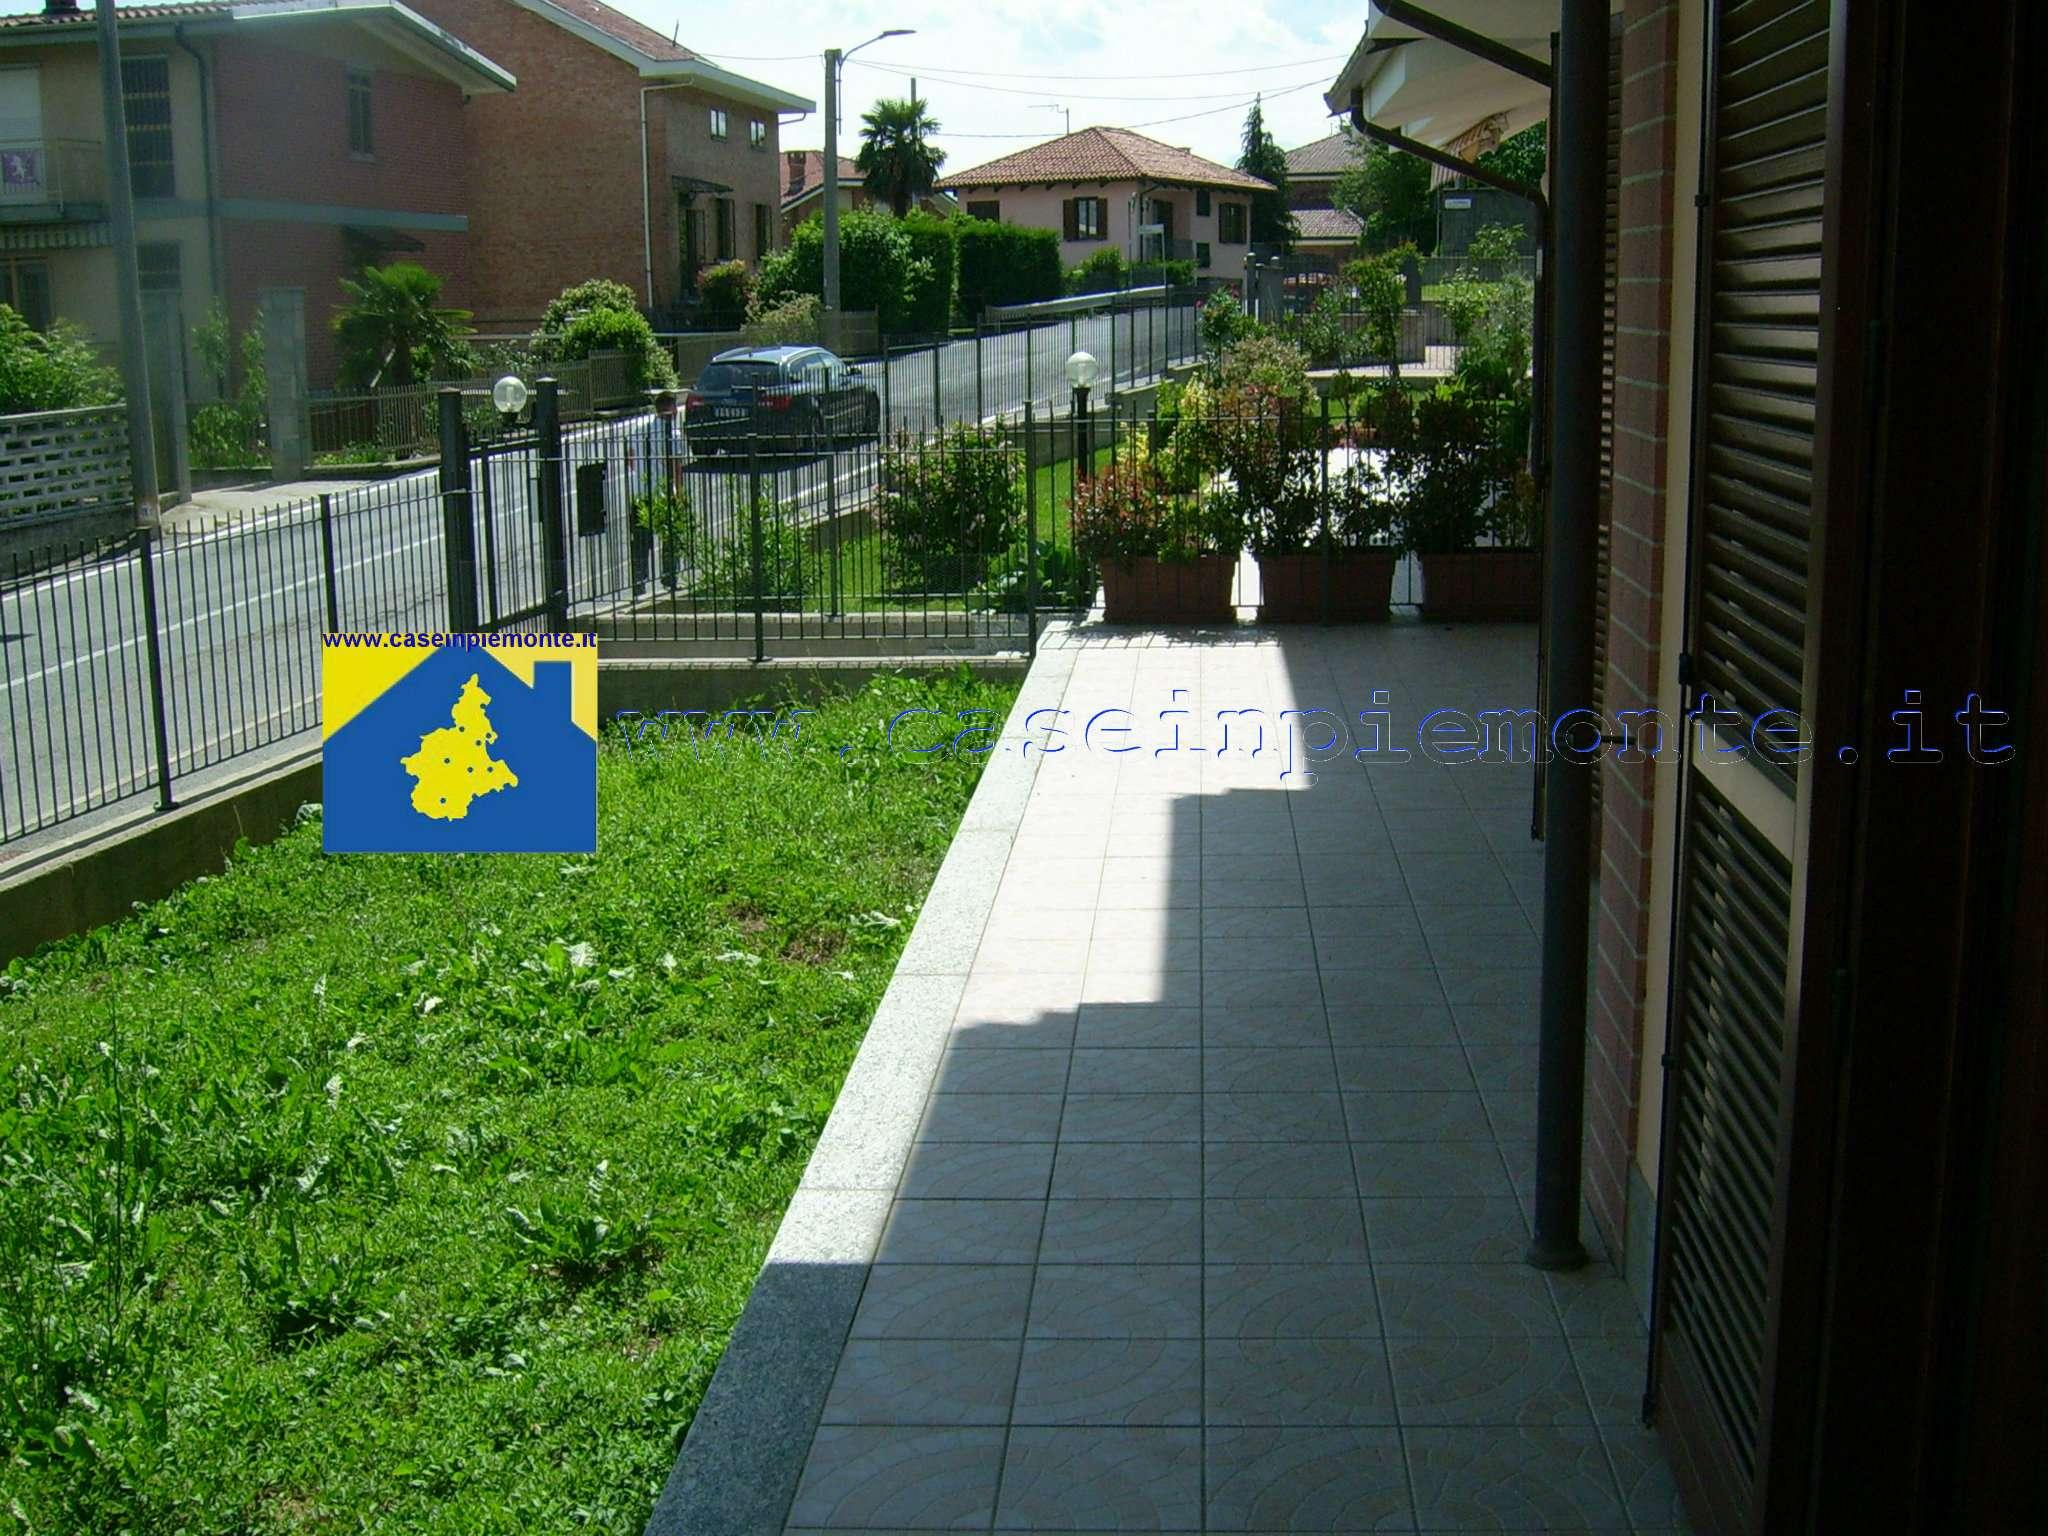 Appartamento in vendita a Caselette, 3 locali, prezzo € 170.000 | PortaleAgenzieImmobiliari.it